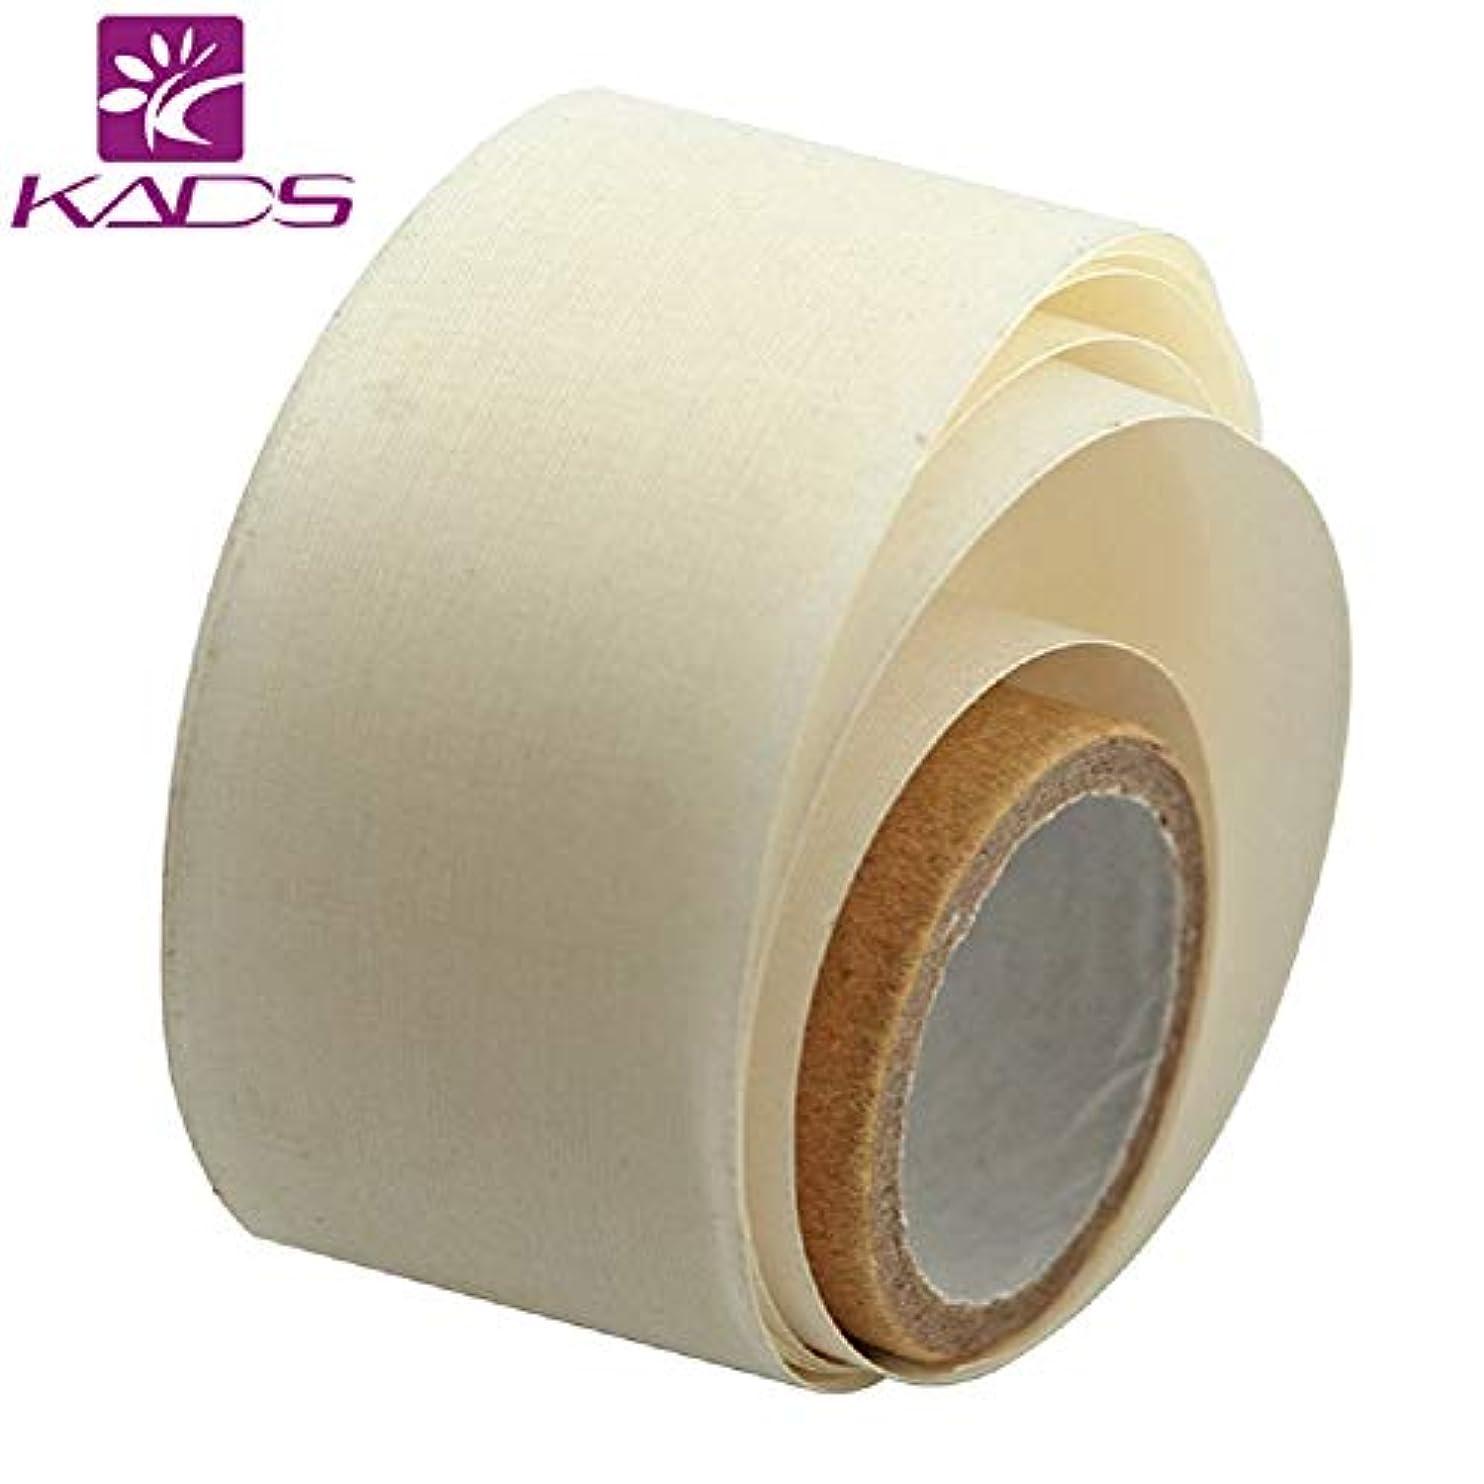 スライス注入する不可能なKADS ネイルシルクテープ ネイルリペアテープペラ用 爪の補修 ジェルアクリルネイルアートツール(サイズ3)